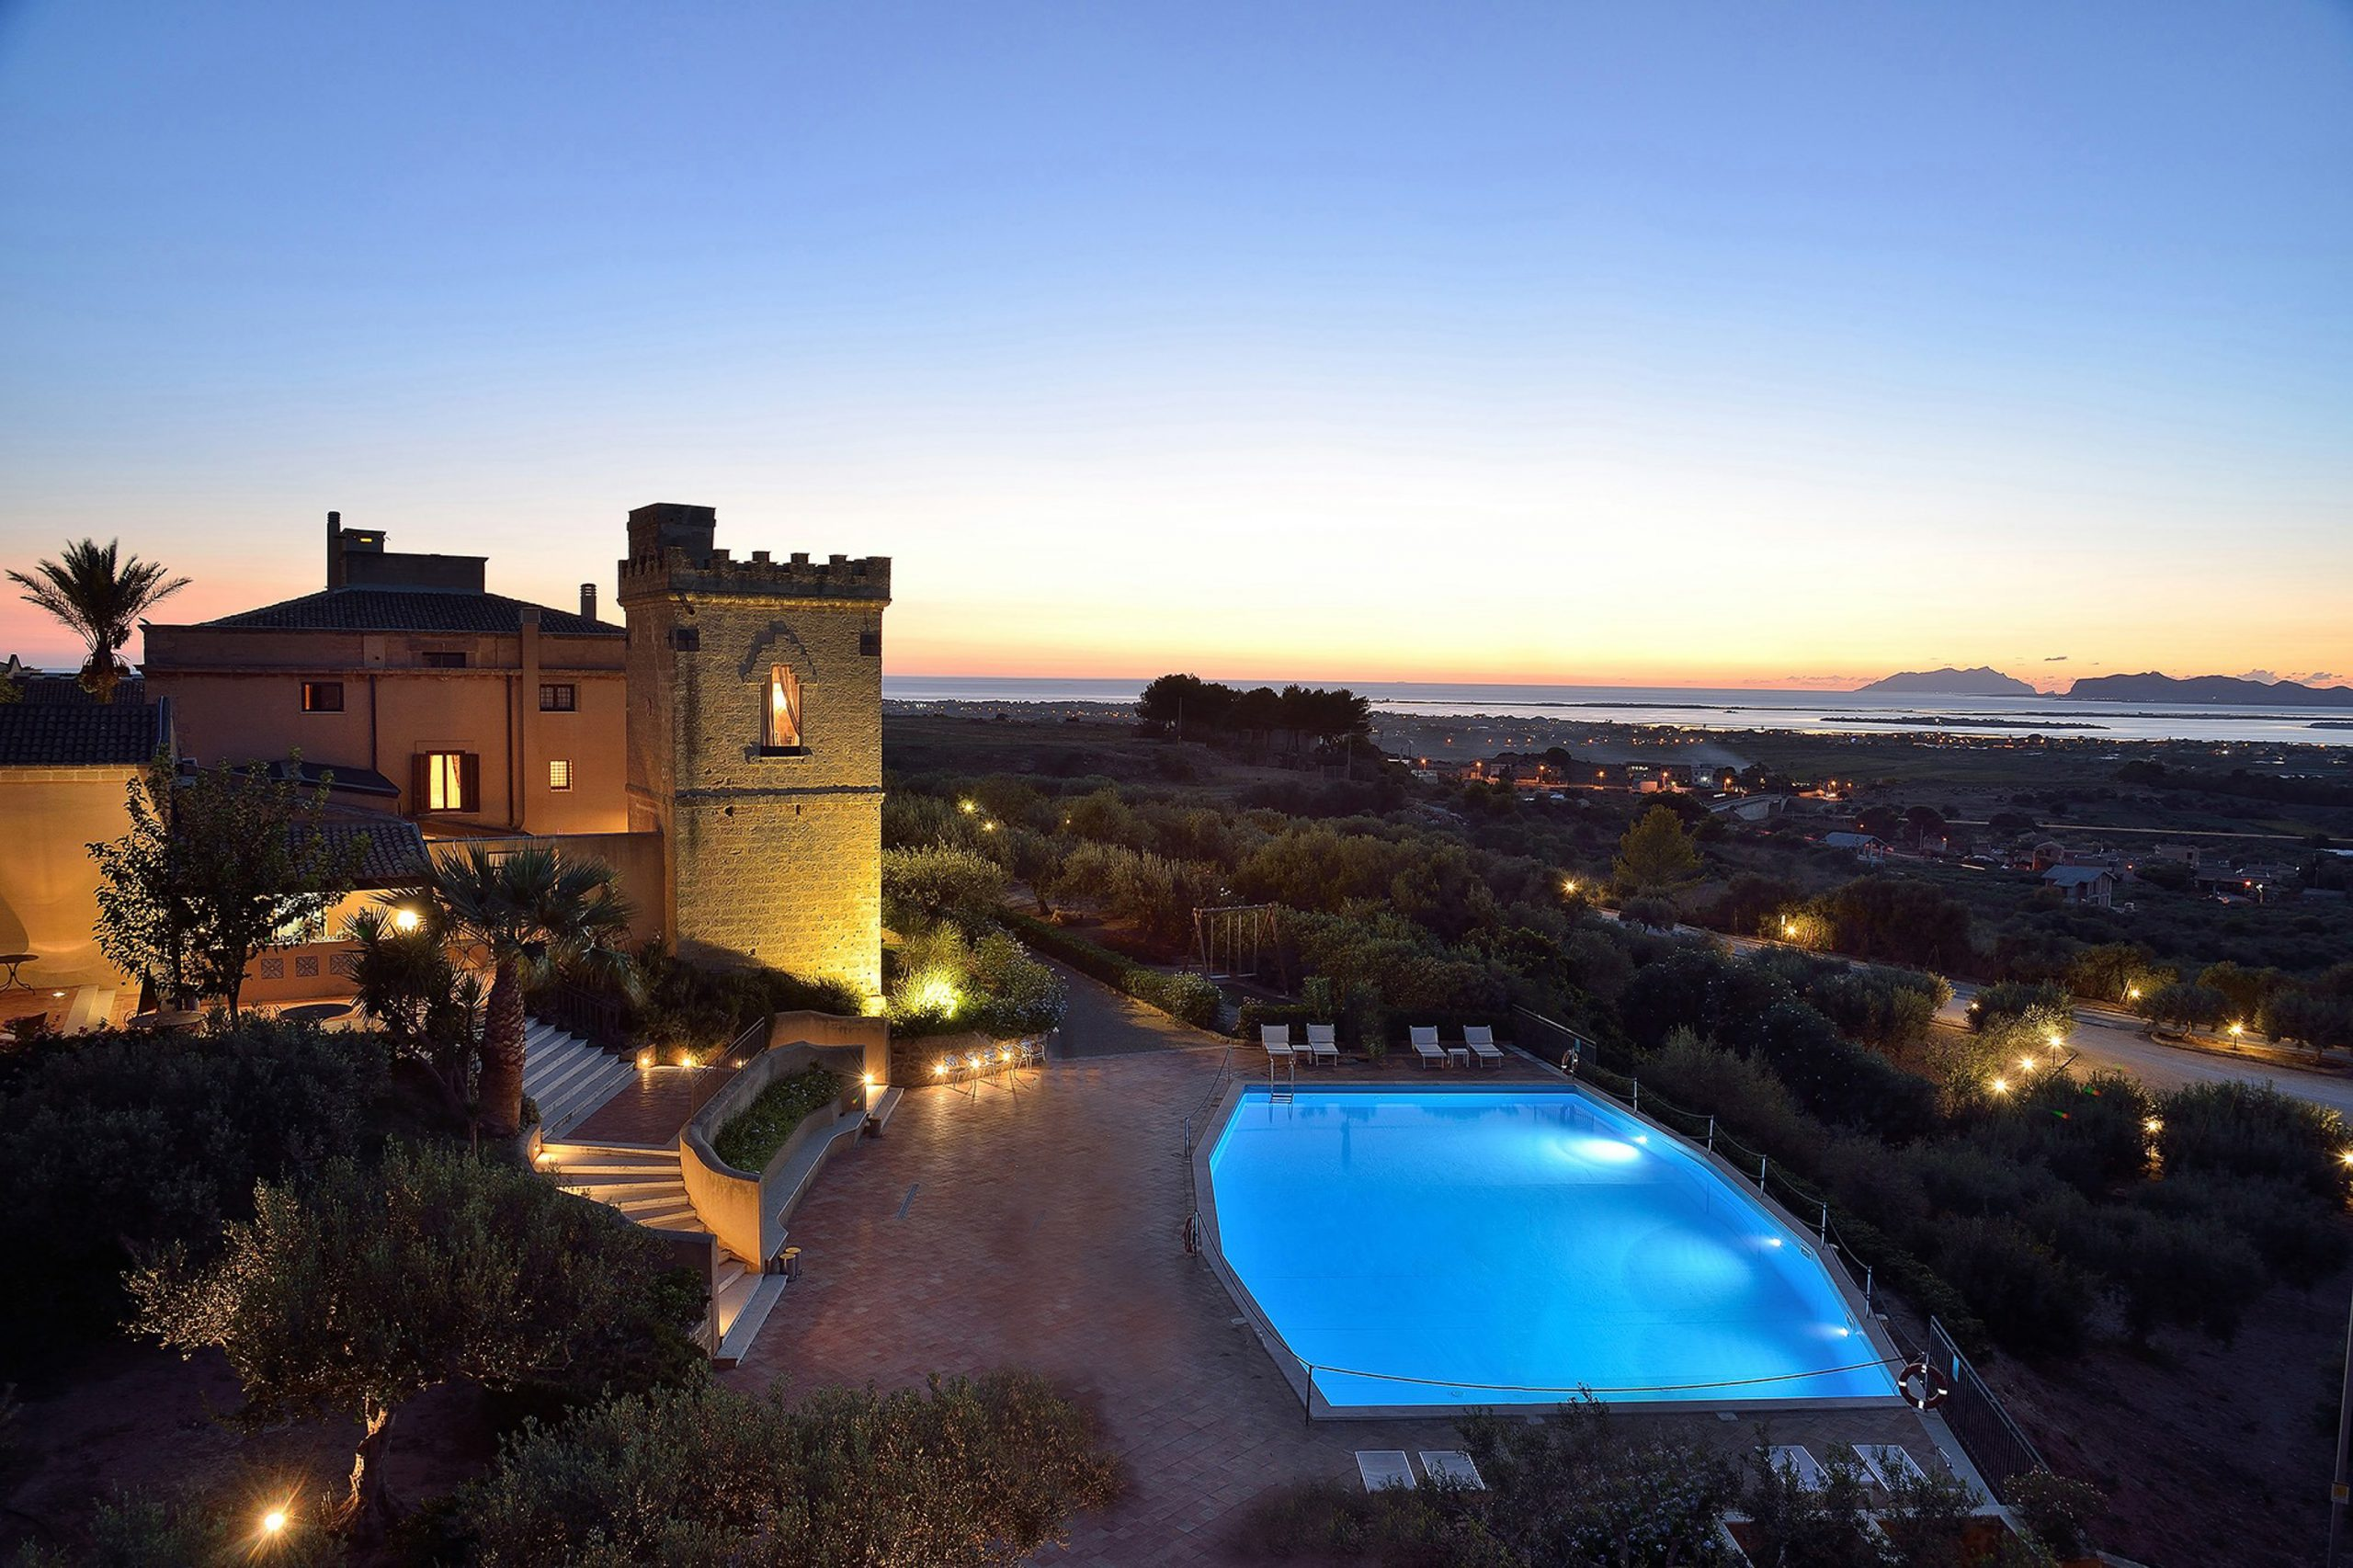 Notte e degustazione di coppia tra i vigneti della Sicilia occidentale